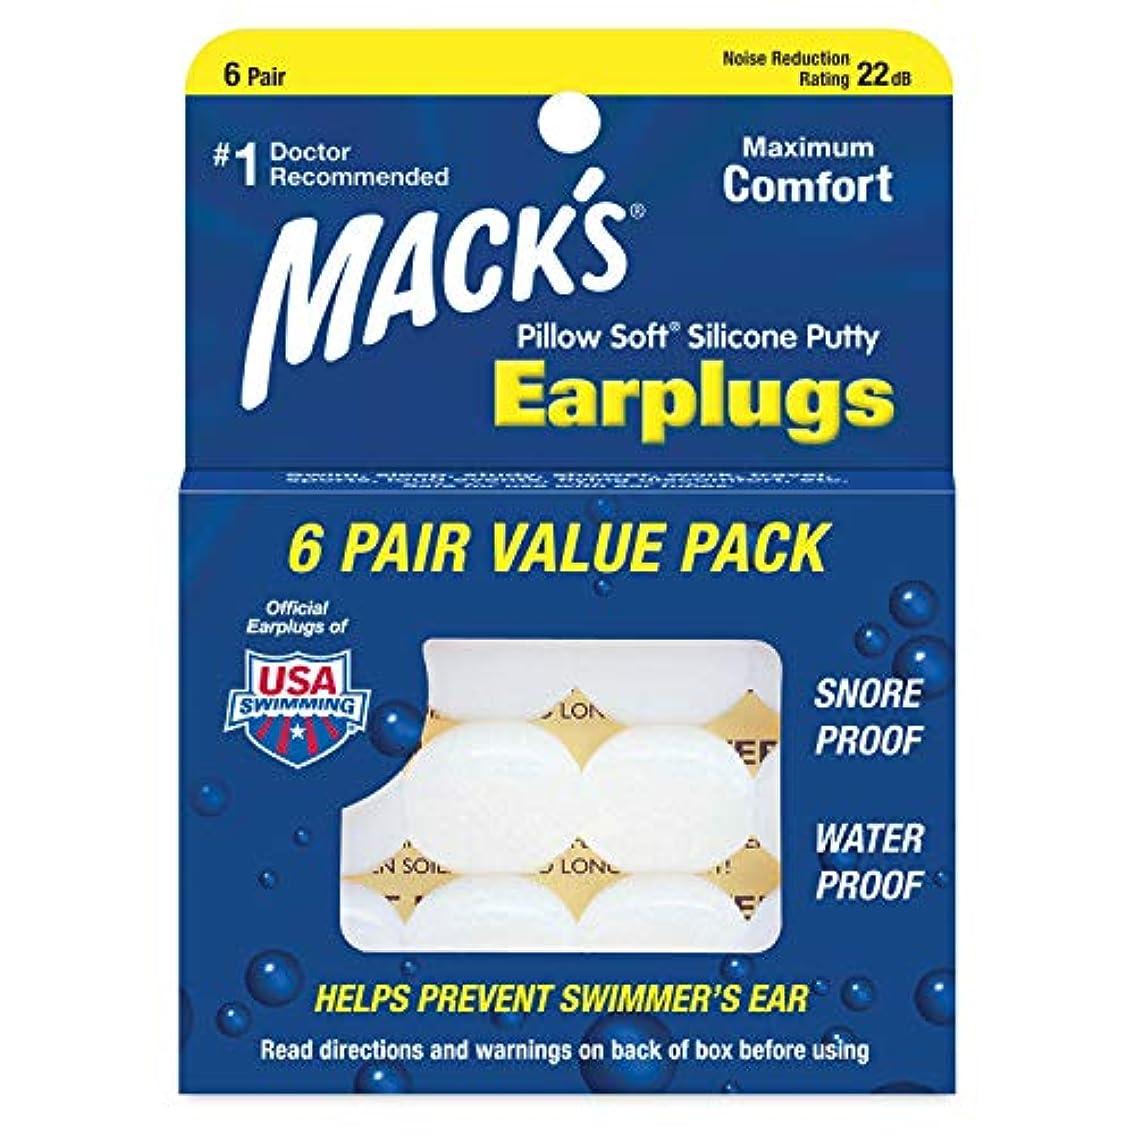 生き残りますアンティークマックスピロー(Macks Pillow) シリコン ソフト 耳栓 NRR22【正規輸入品】